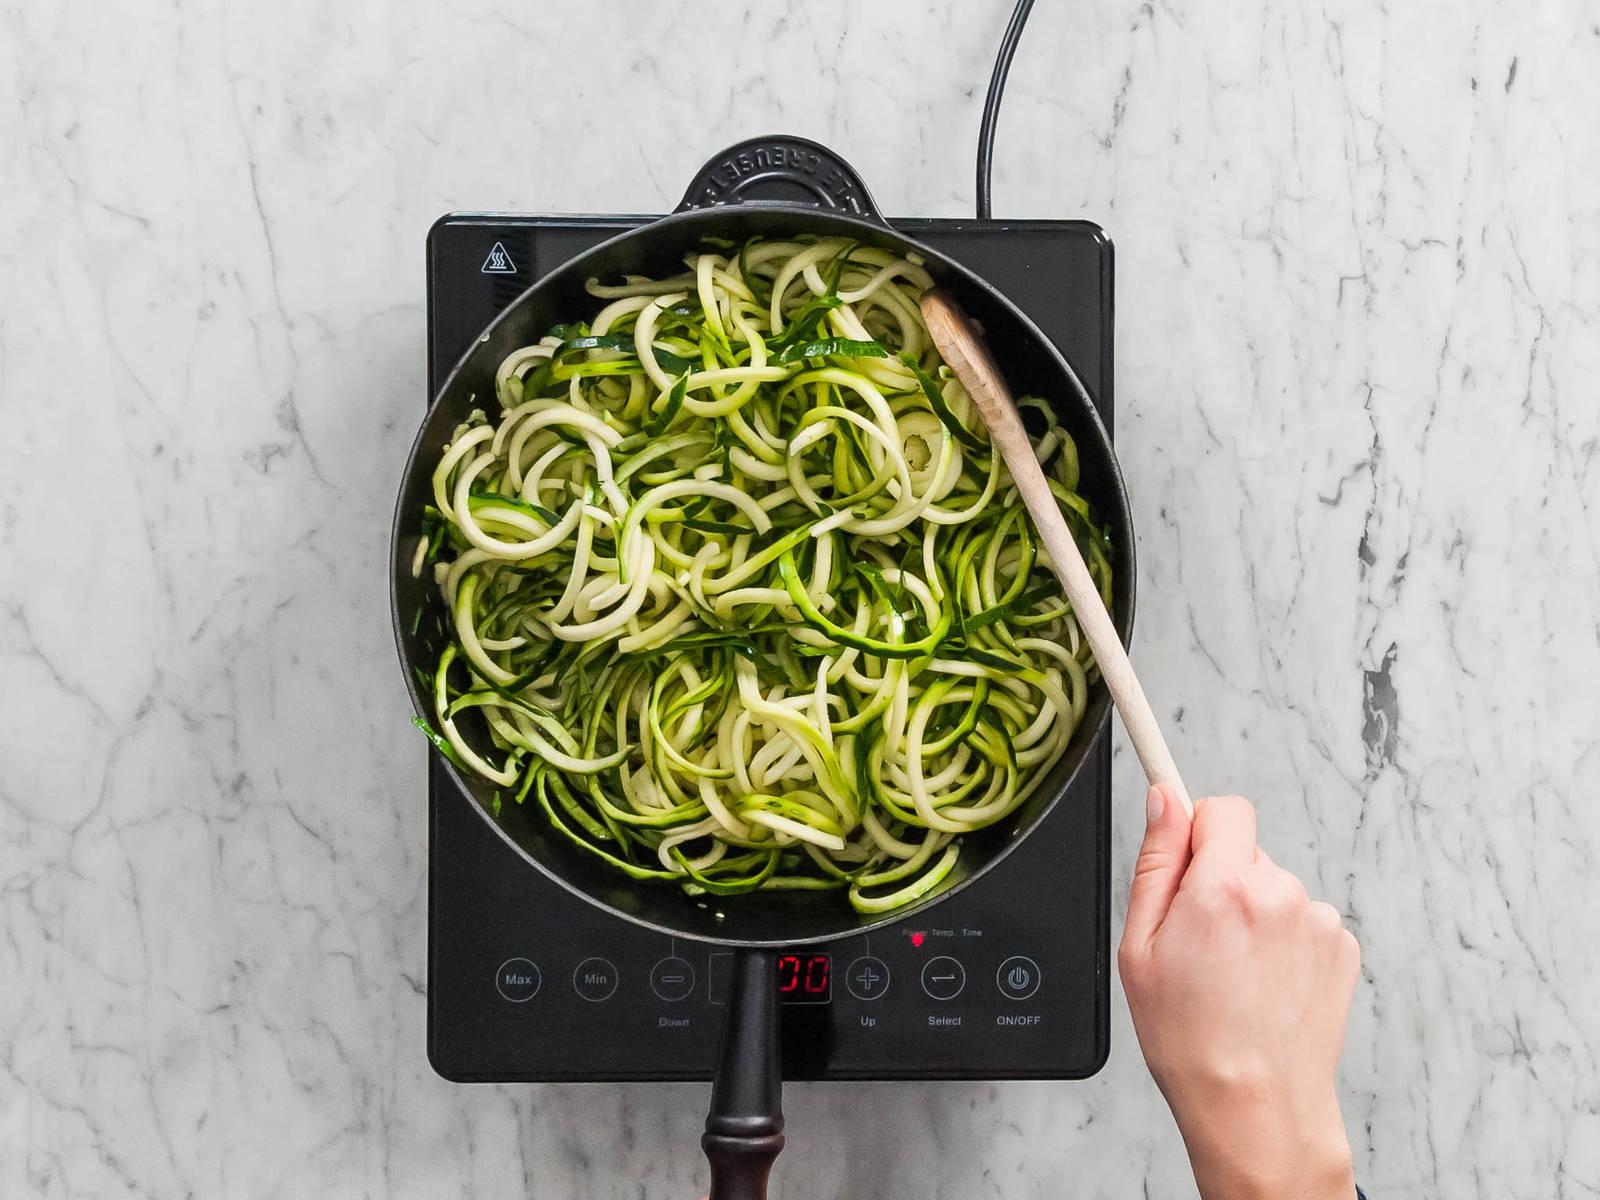 Öl in derselben Pfanne bei mittlerer Hitze erhitzen. Zucchini hineingeben und ca. 2 - 3 Min. unter regelmäßigem Umrühren erhitzen, oder bis sie weich sind. Die Blumenkohl-Alfredo-Sauce hinzugeben und die Zoodles darin schwenken. Mit Salz und Pfeffer abschmecken und mit Parmesan und Petersilie servieren.